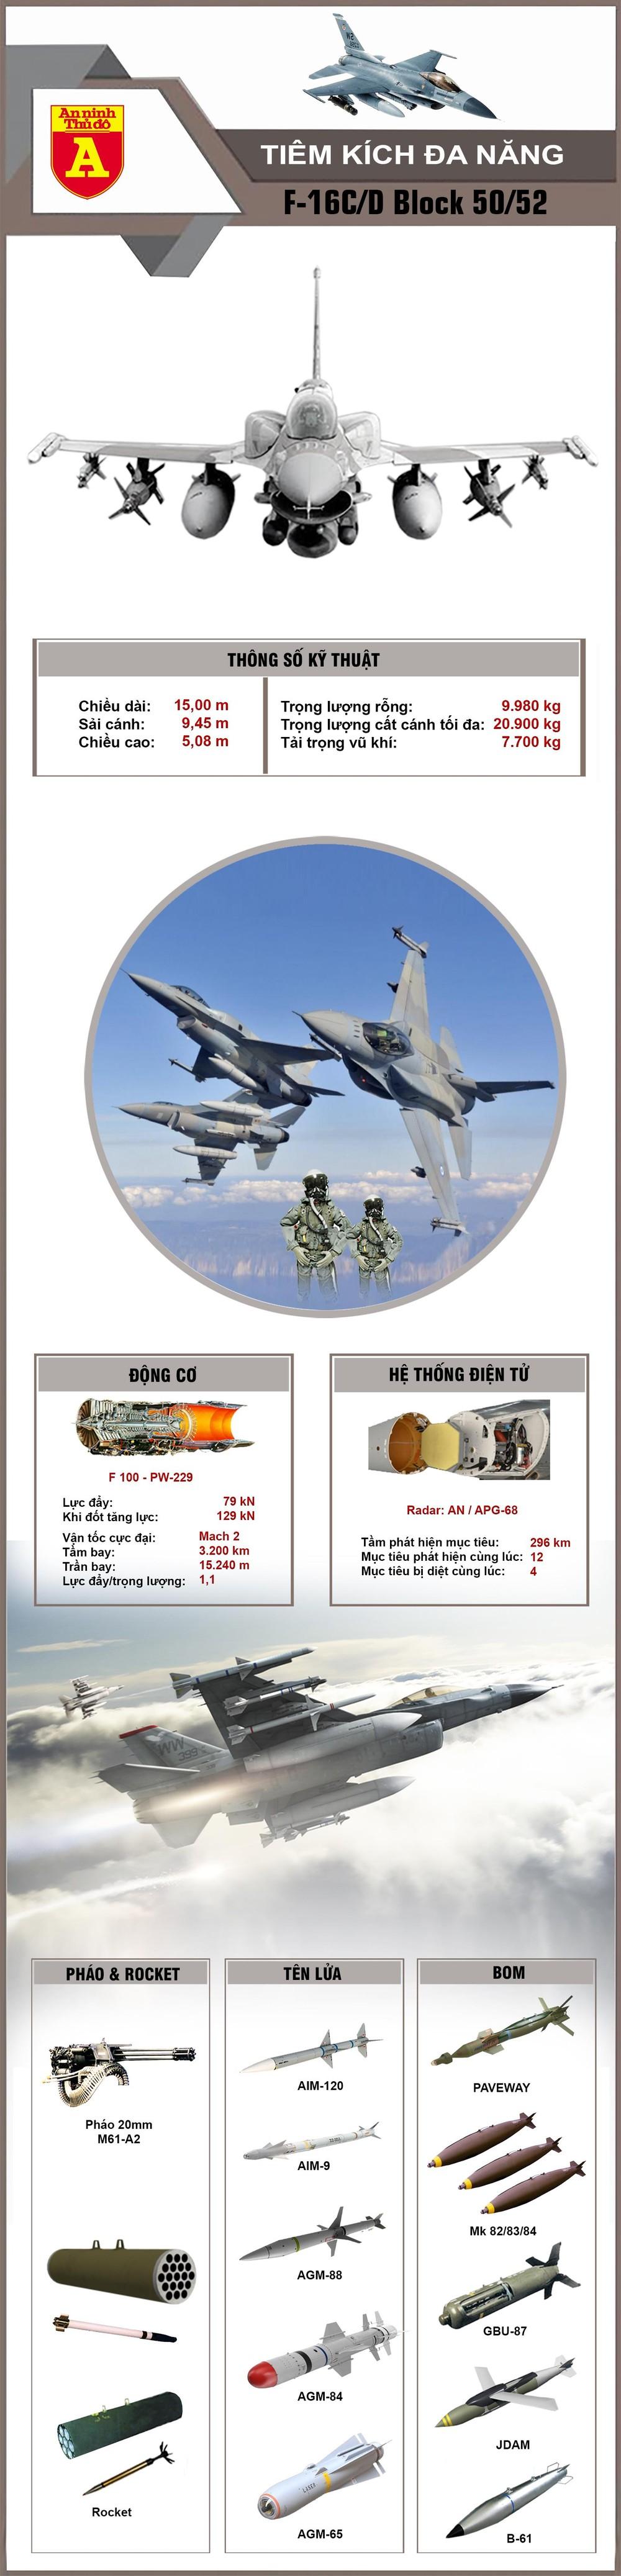 [Info] F-16 Bỉ đâm vào căn cứ không quân ở Hà Lan ảnh 2